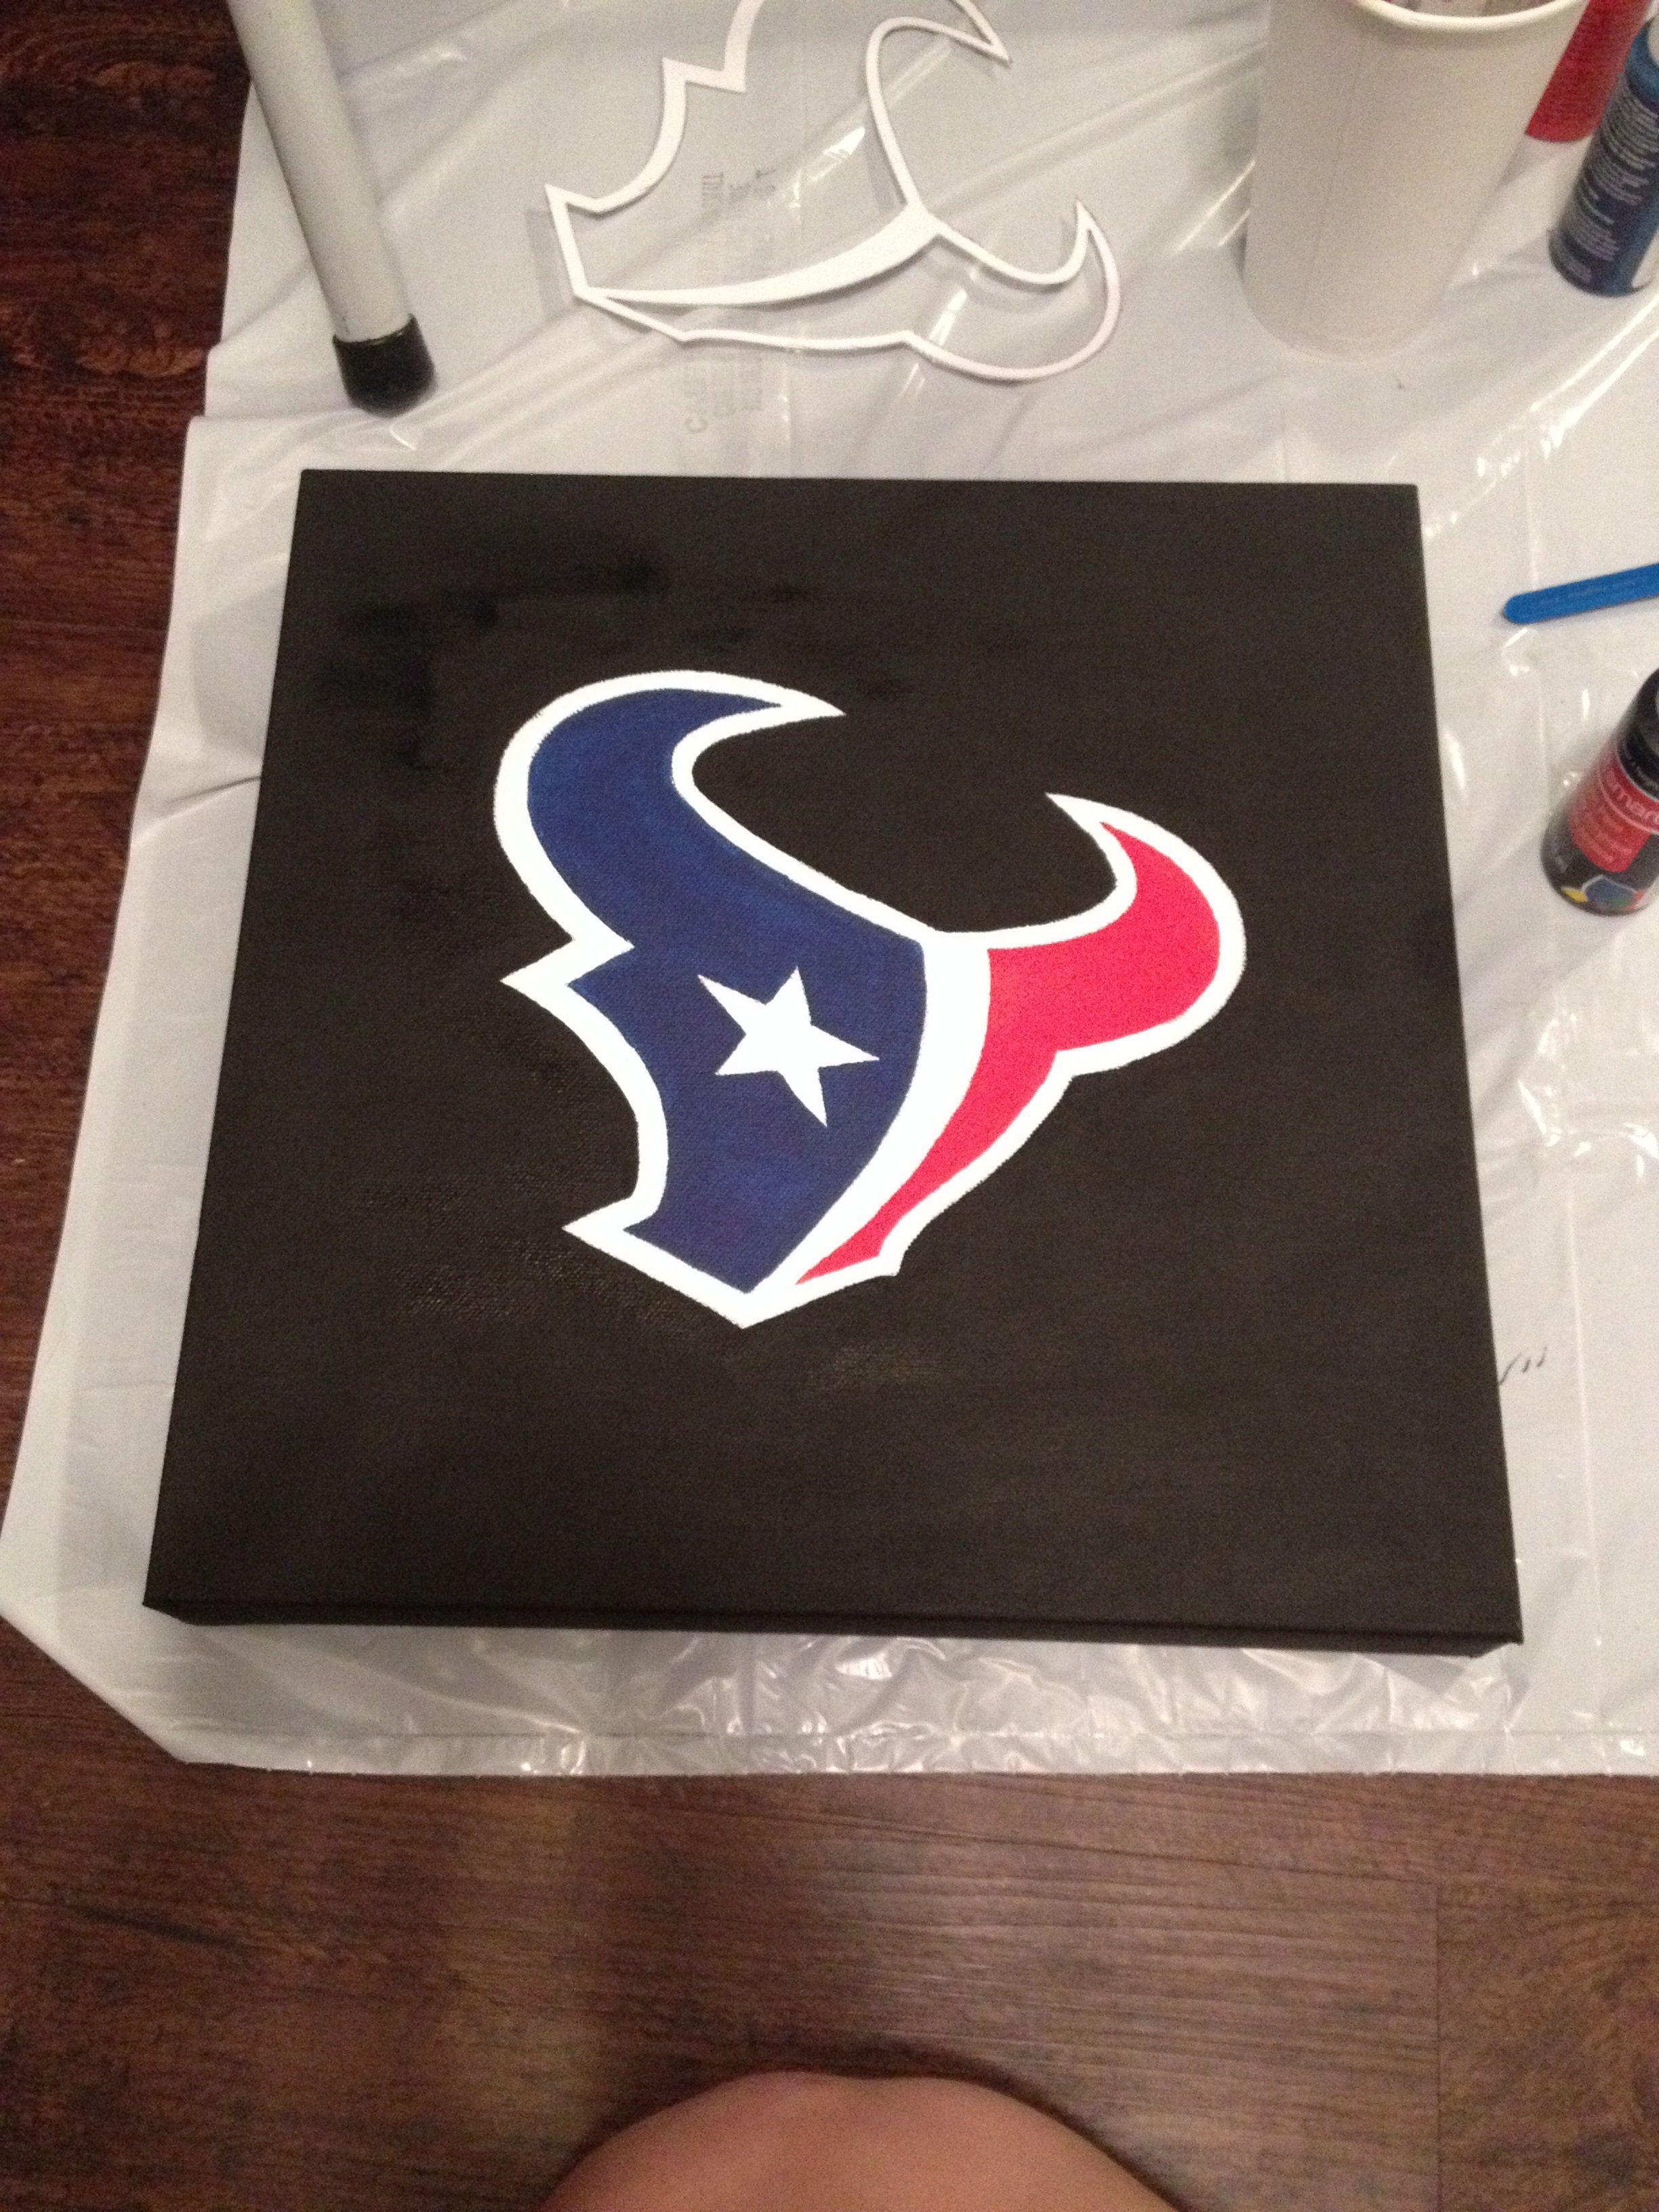 NFL logo on canvas. Wall art.